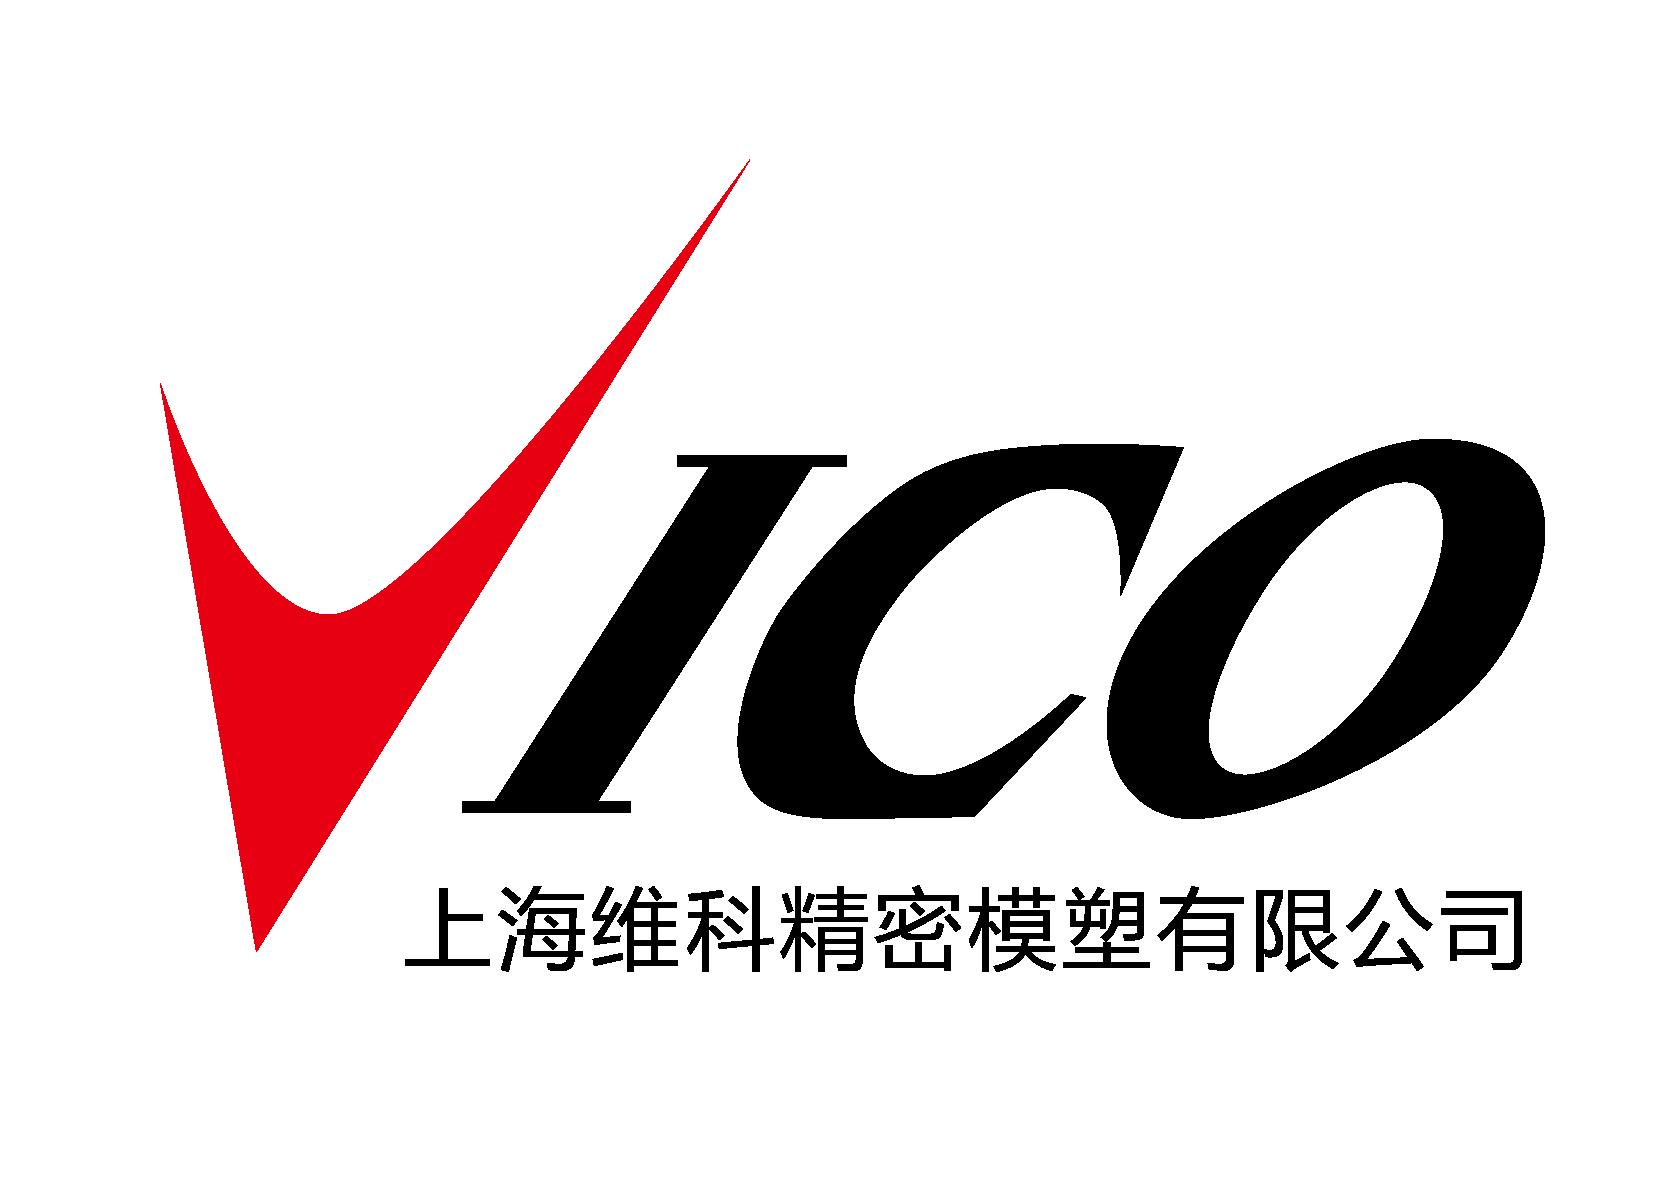 維科logo-01